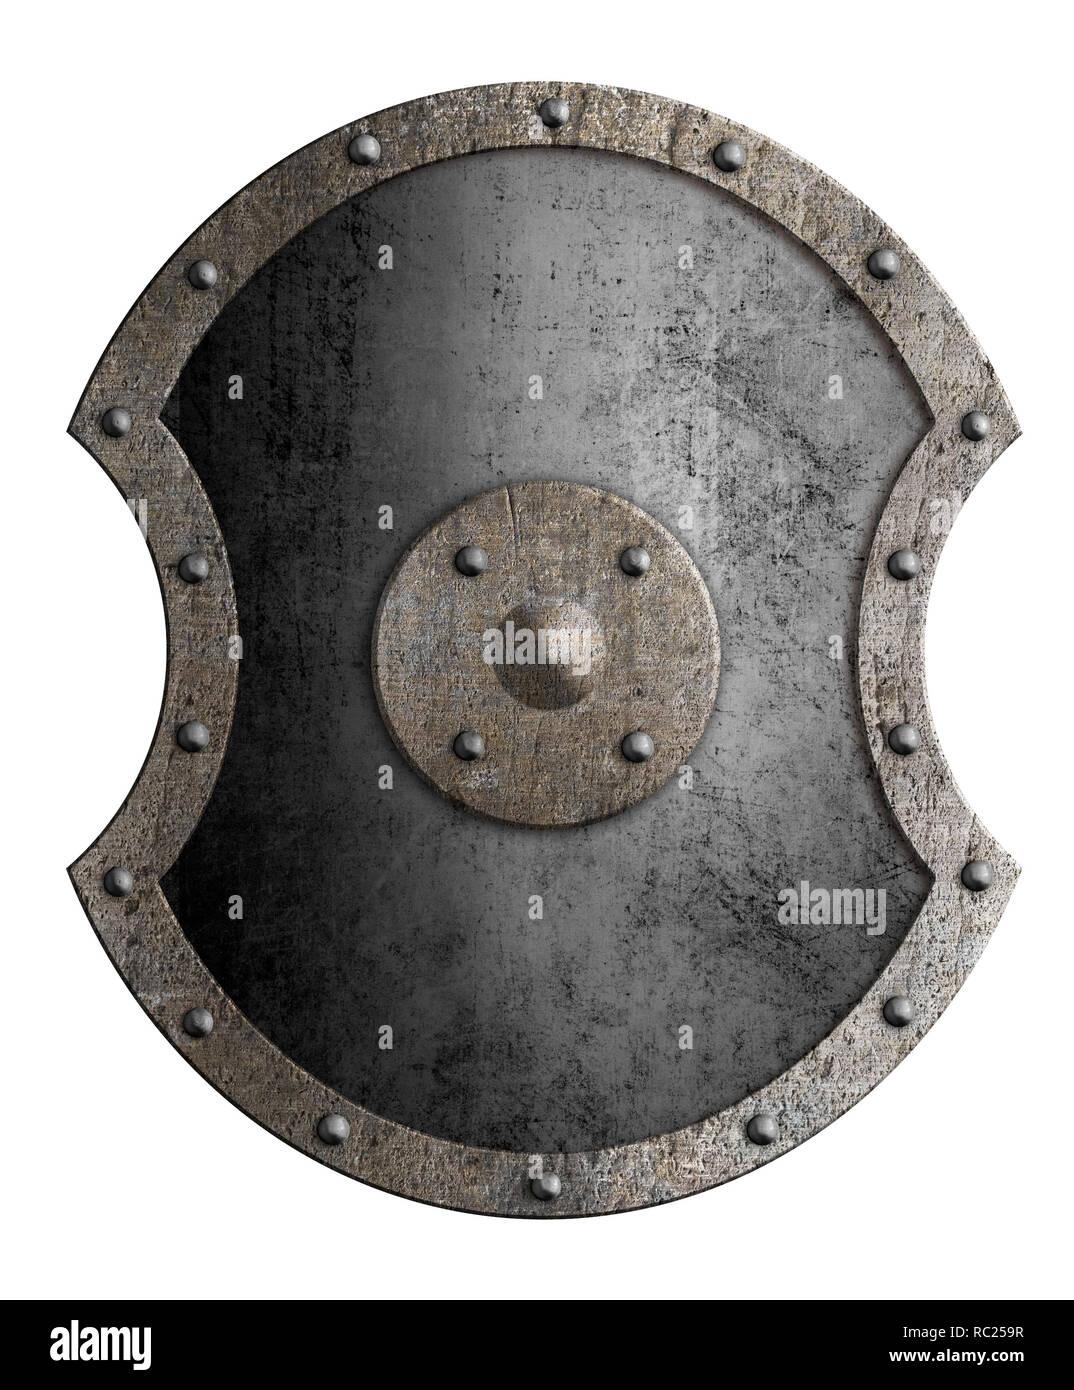 Gran protección metálica aislada ilustración 3d Imagen De Stock